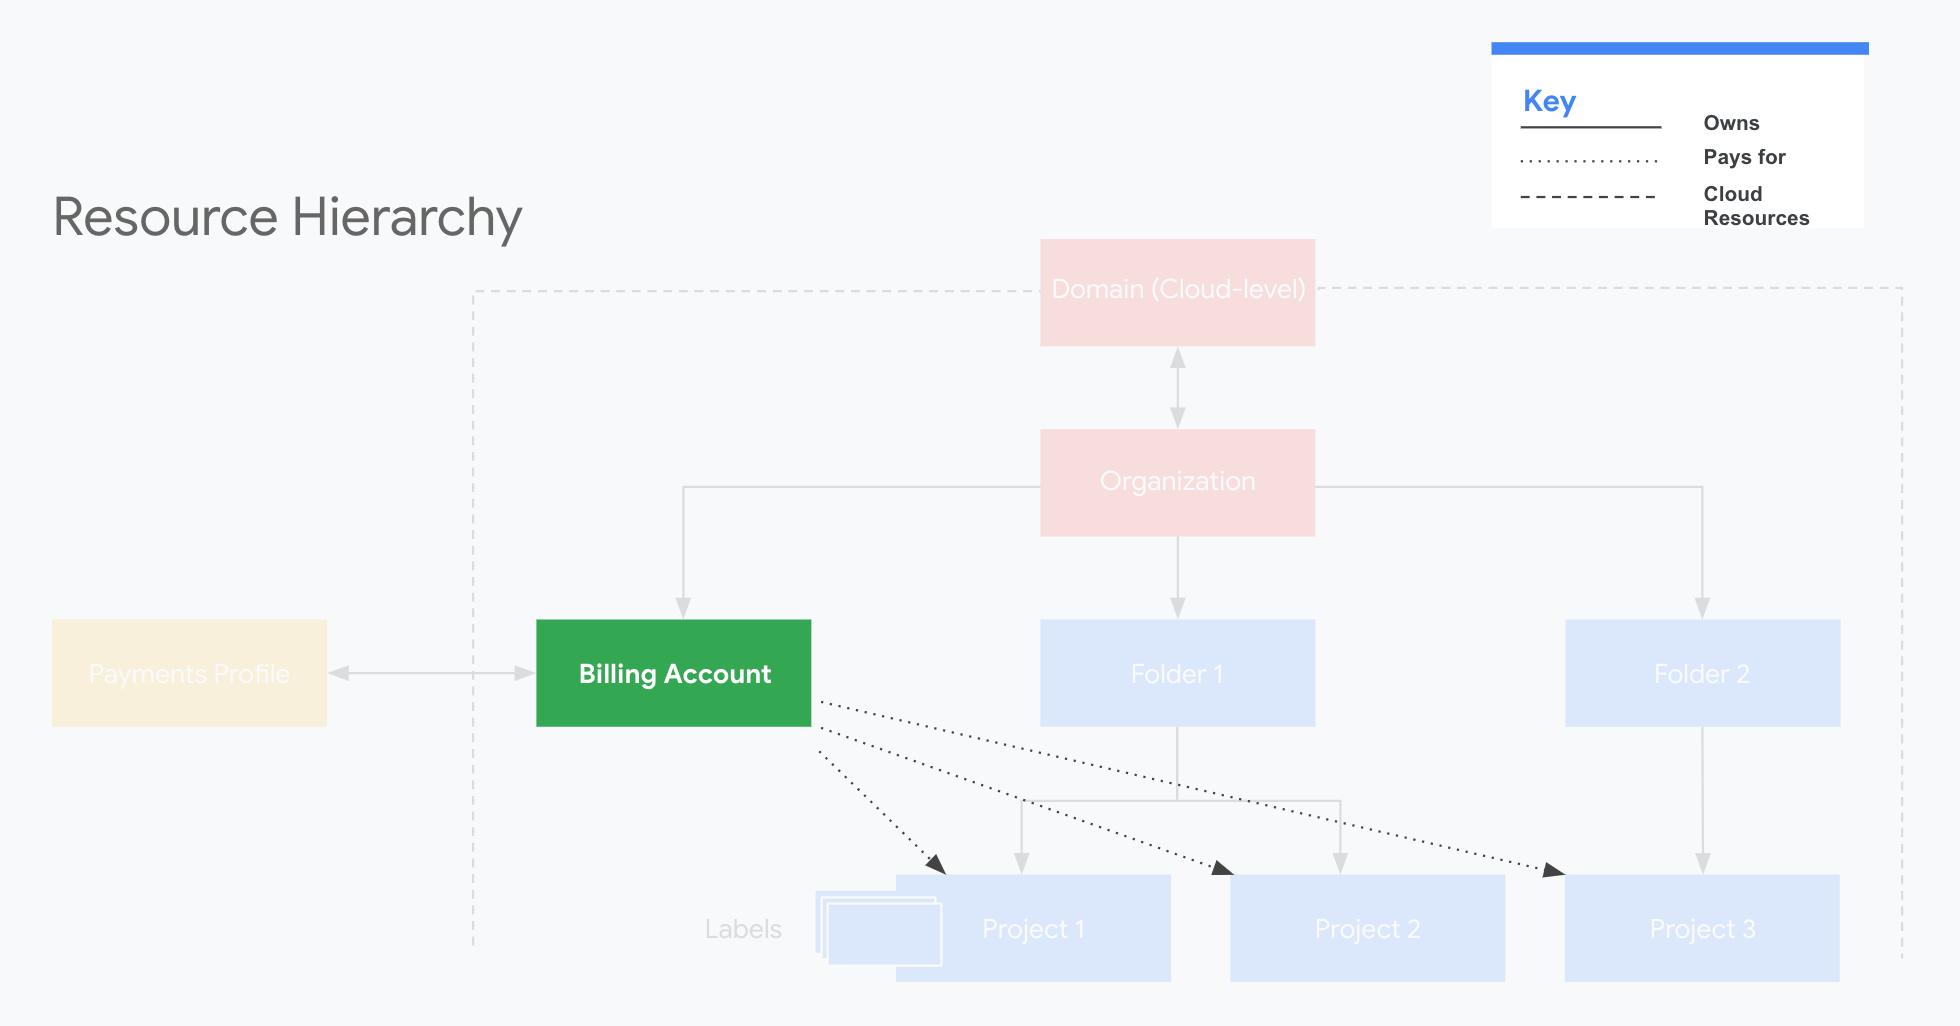 Comptes CloudBilling dans la hiérarchie des ressources